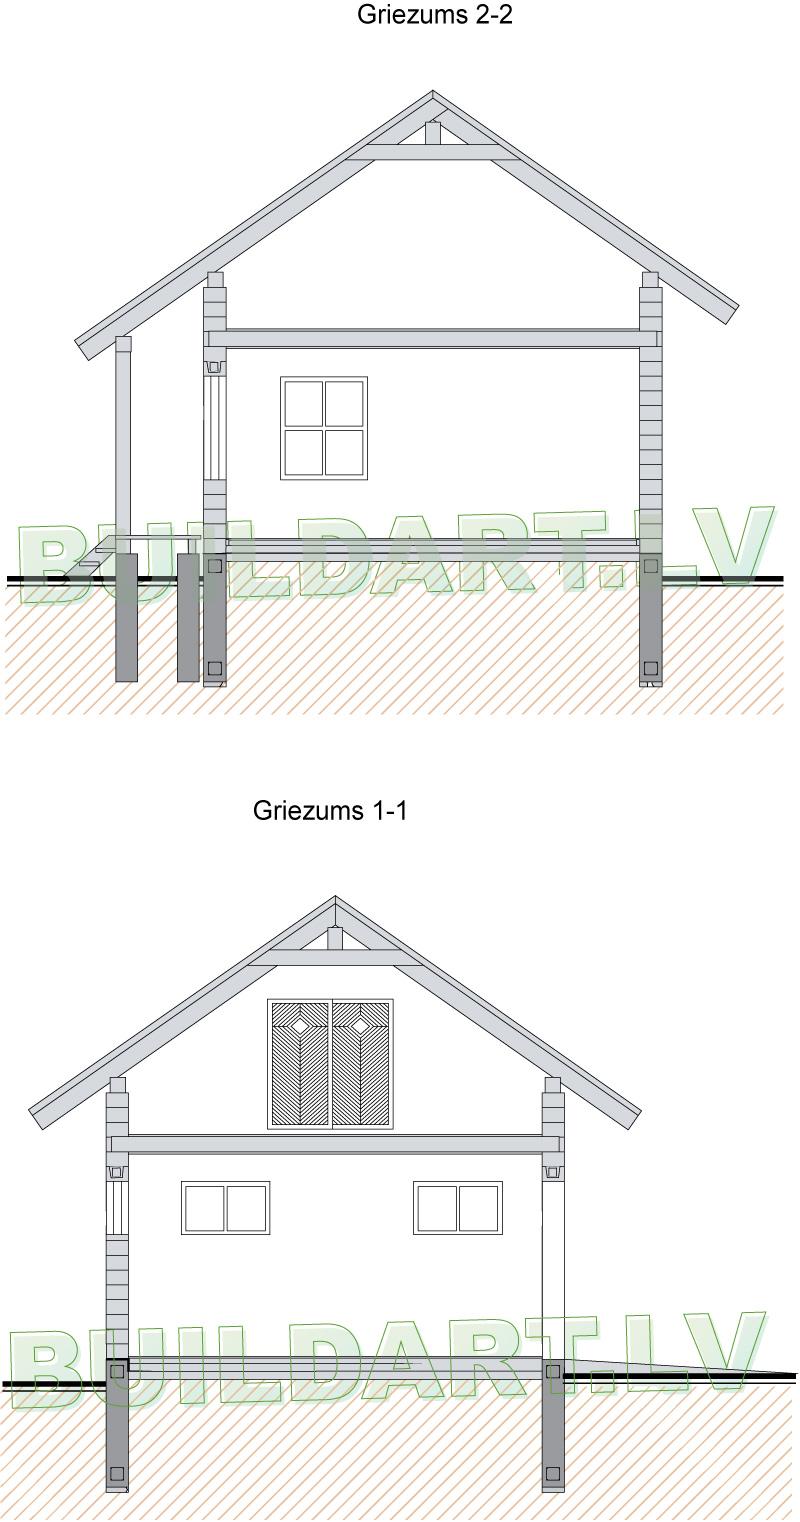 Saimniecības ēkas projekts, saimniecības ēka atpūtai - griezums